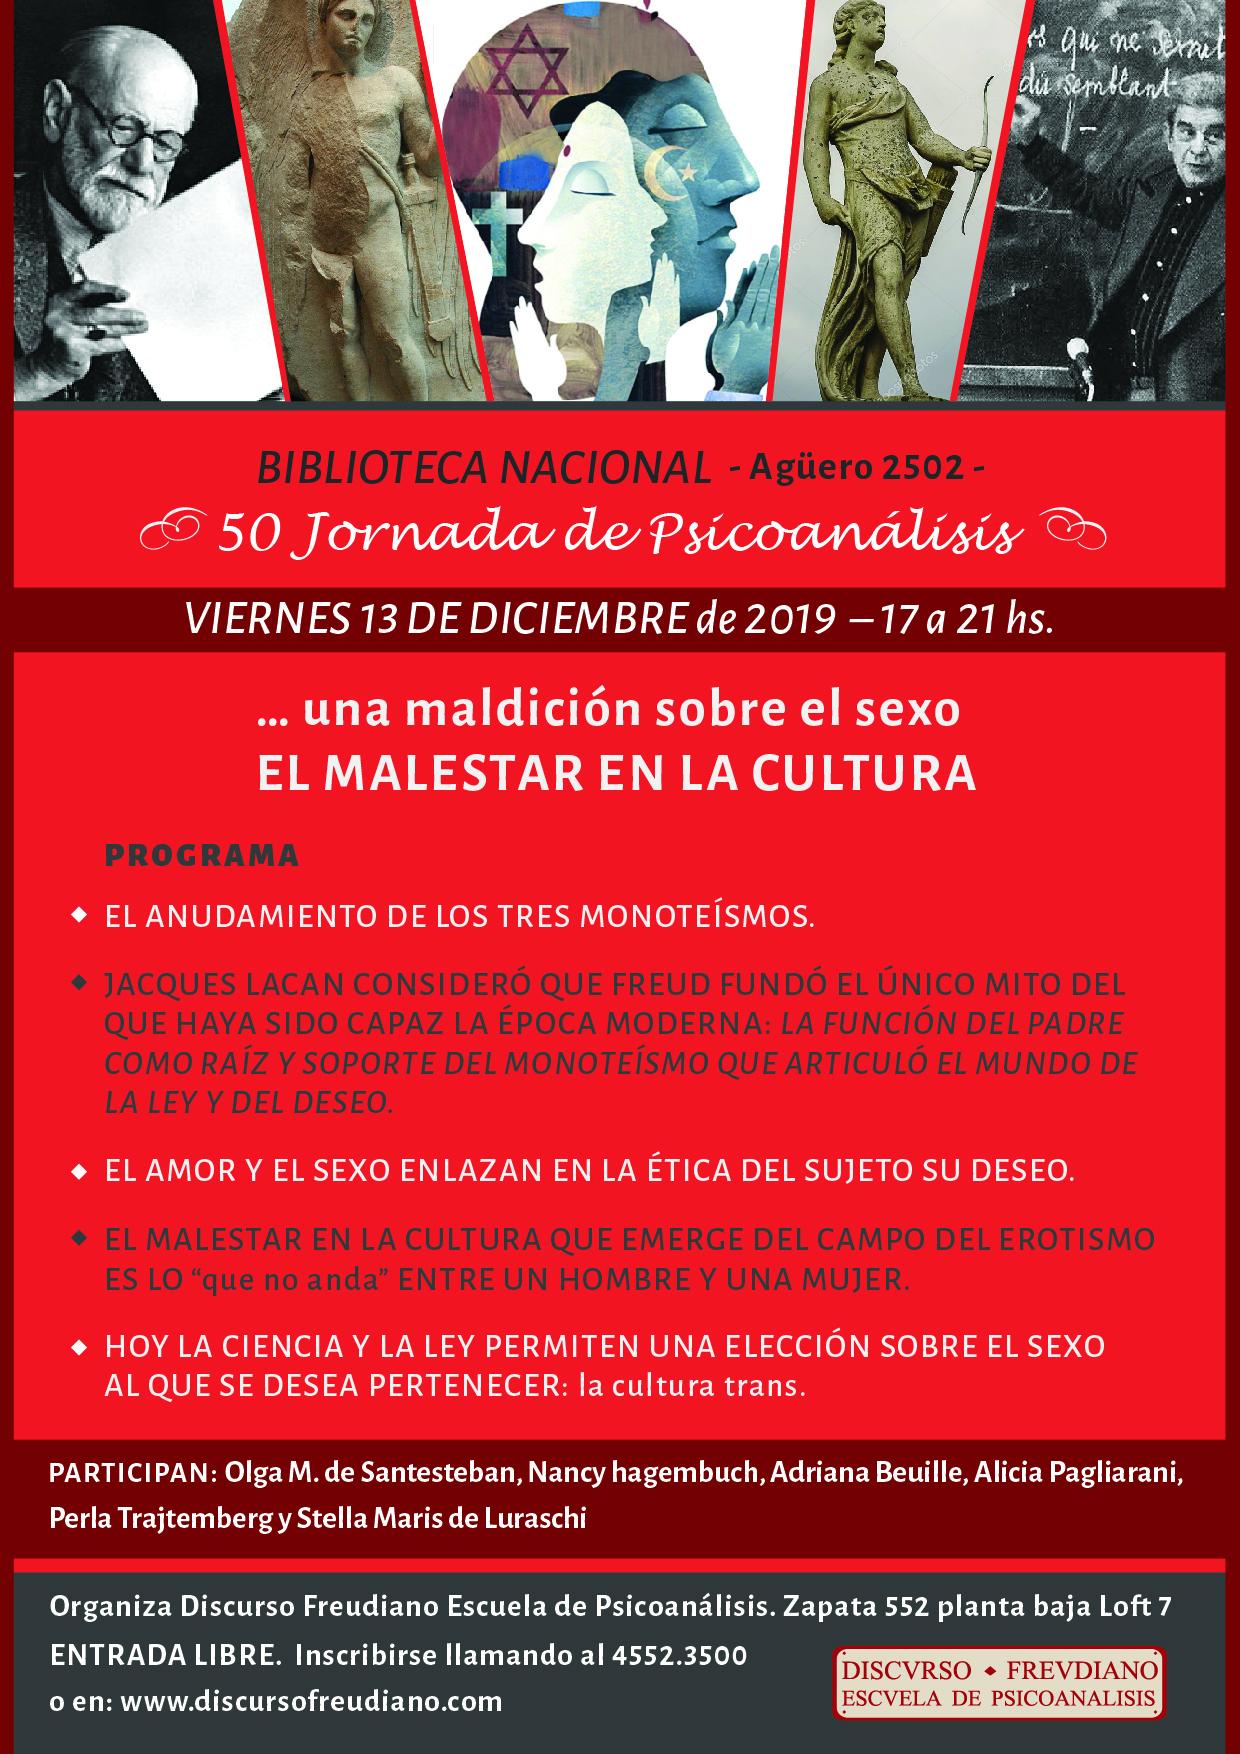 50 Jornada de Psicoanalisis - Discurso Freudiano